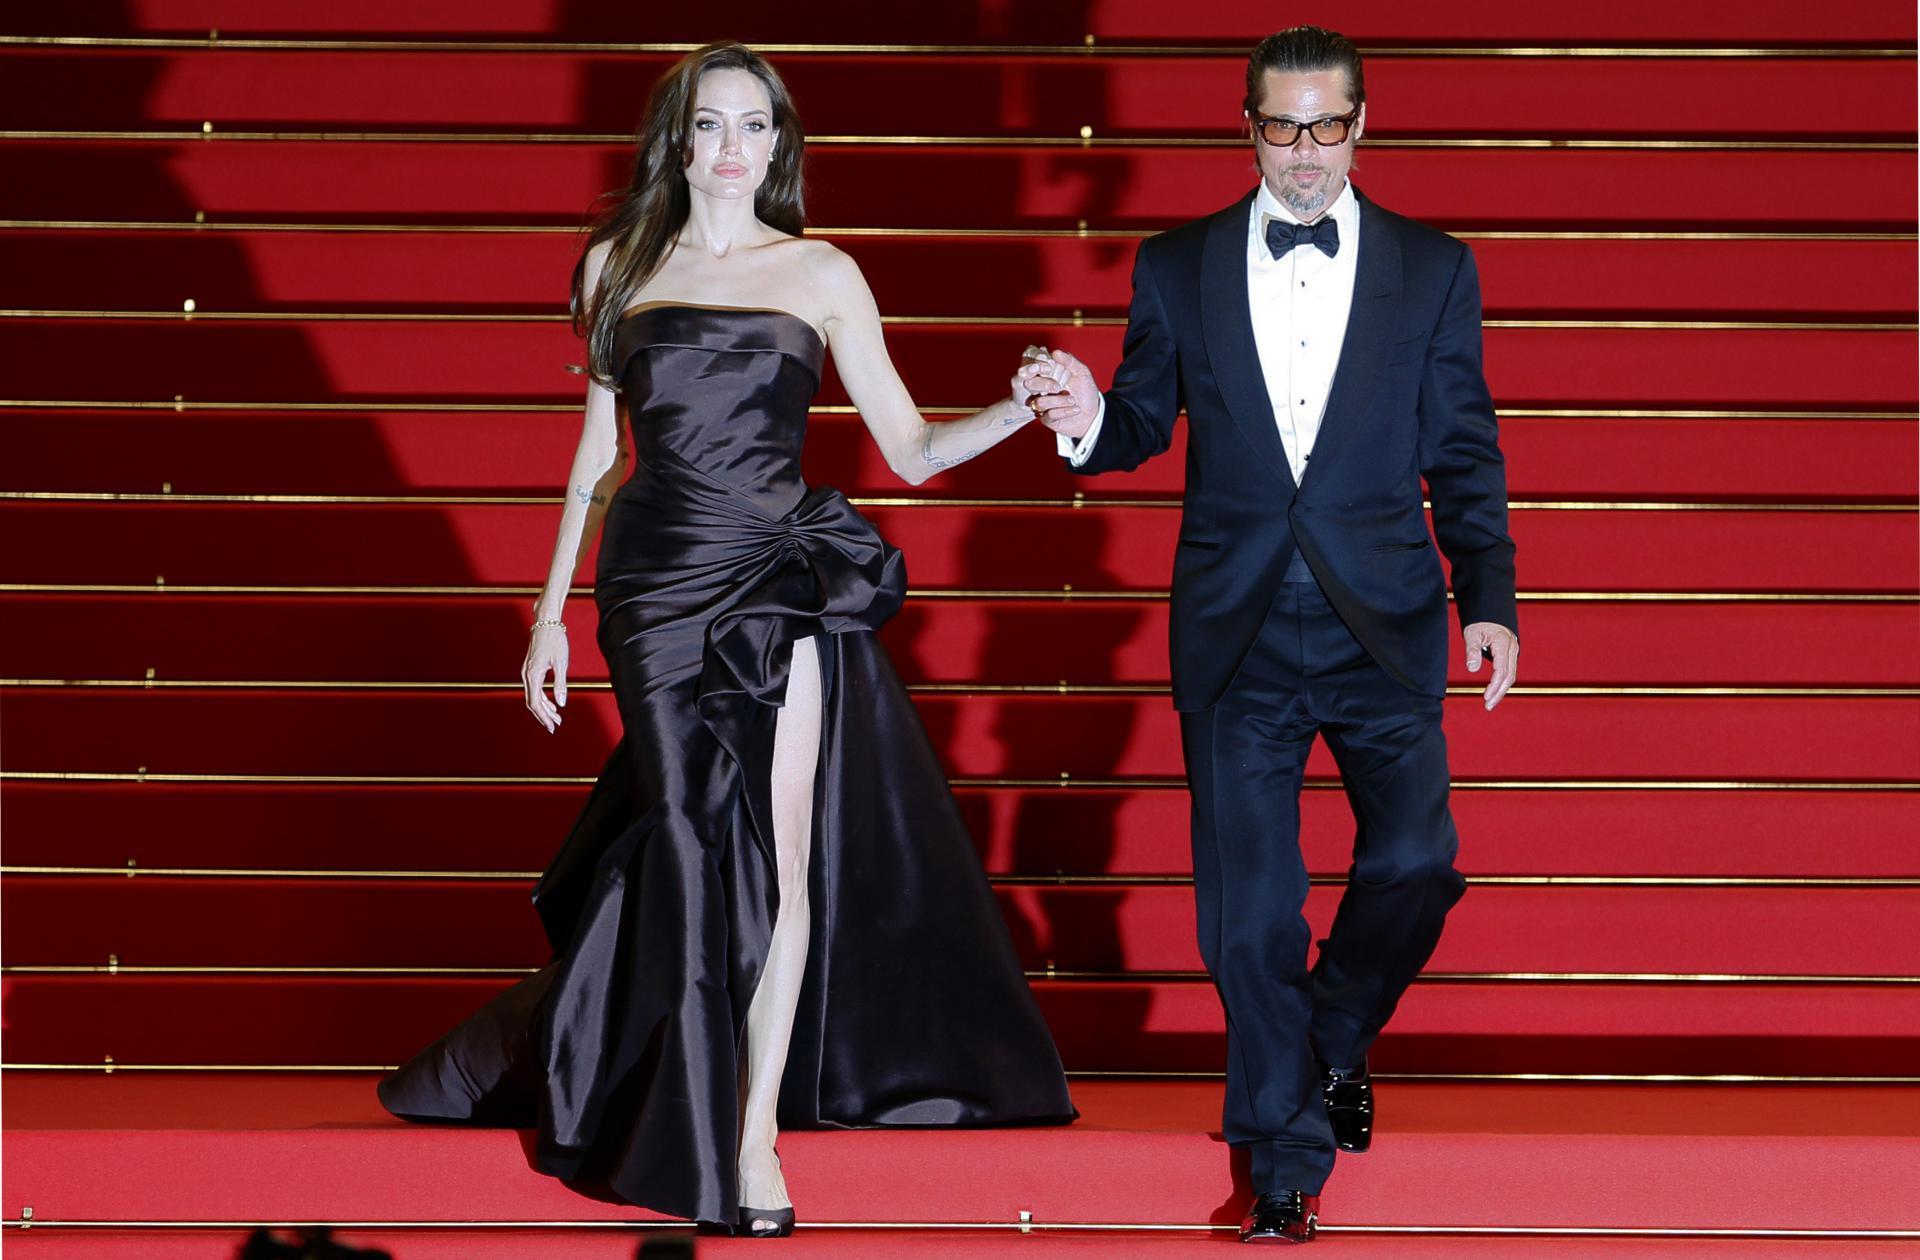 Brad i Angelina na filmskom festivalu u Cannesu 2016. godine, nekoliko mjeseci prije raspada braka